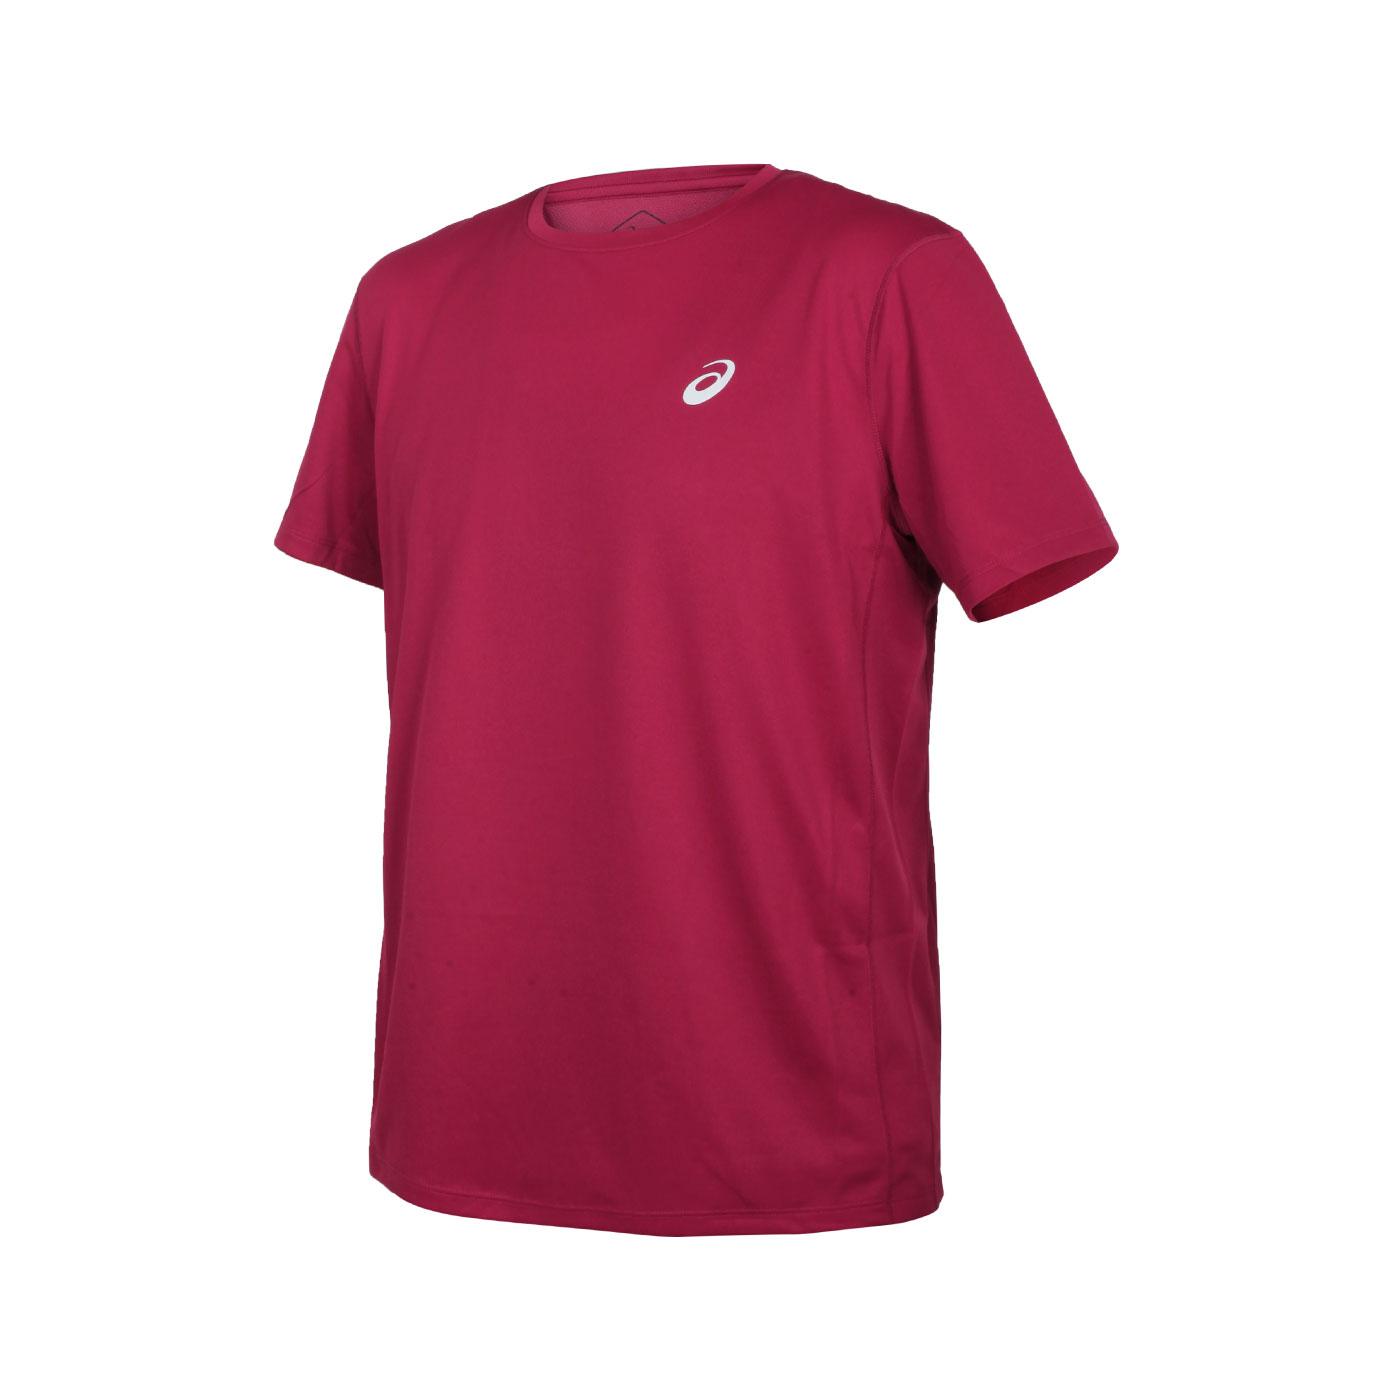 ASICS 男款片假名短袖T恤 2011A813-602